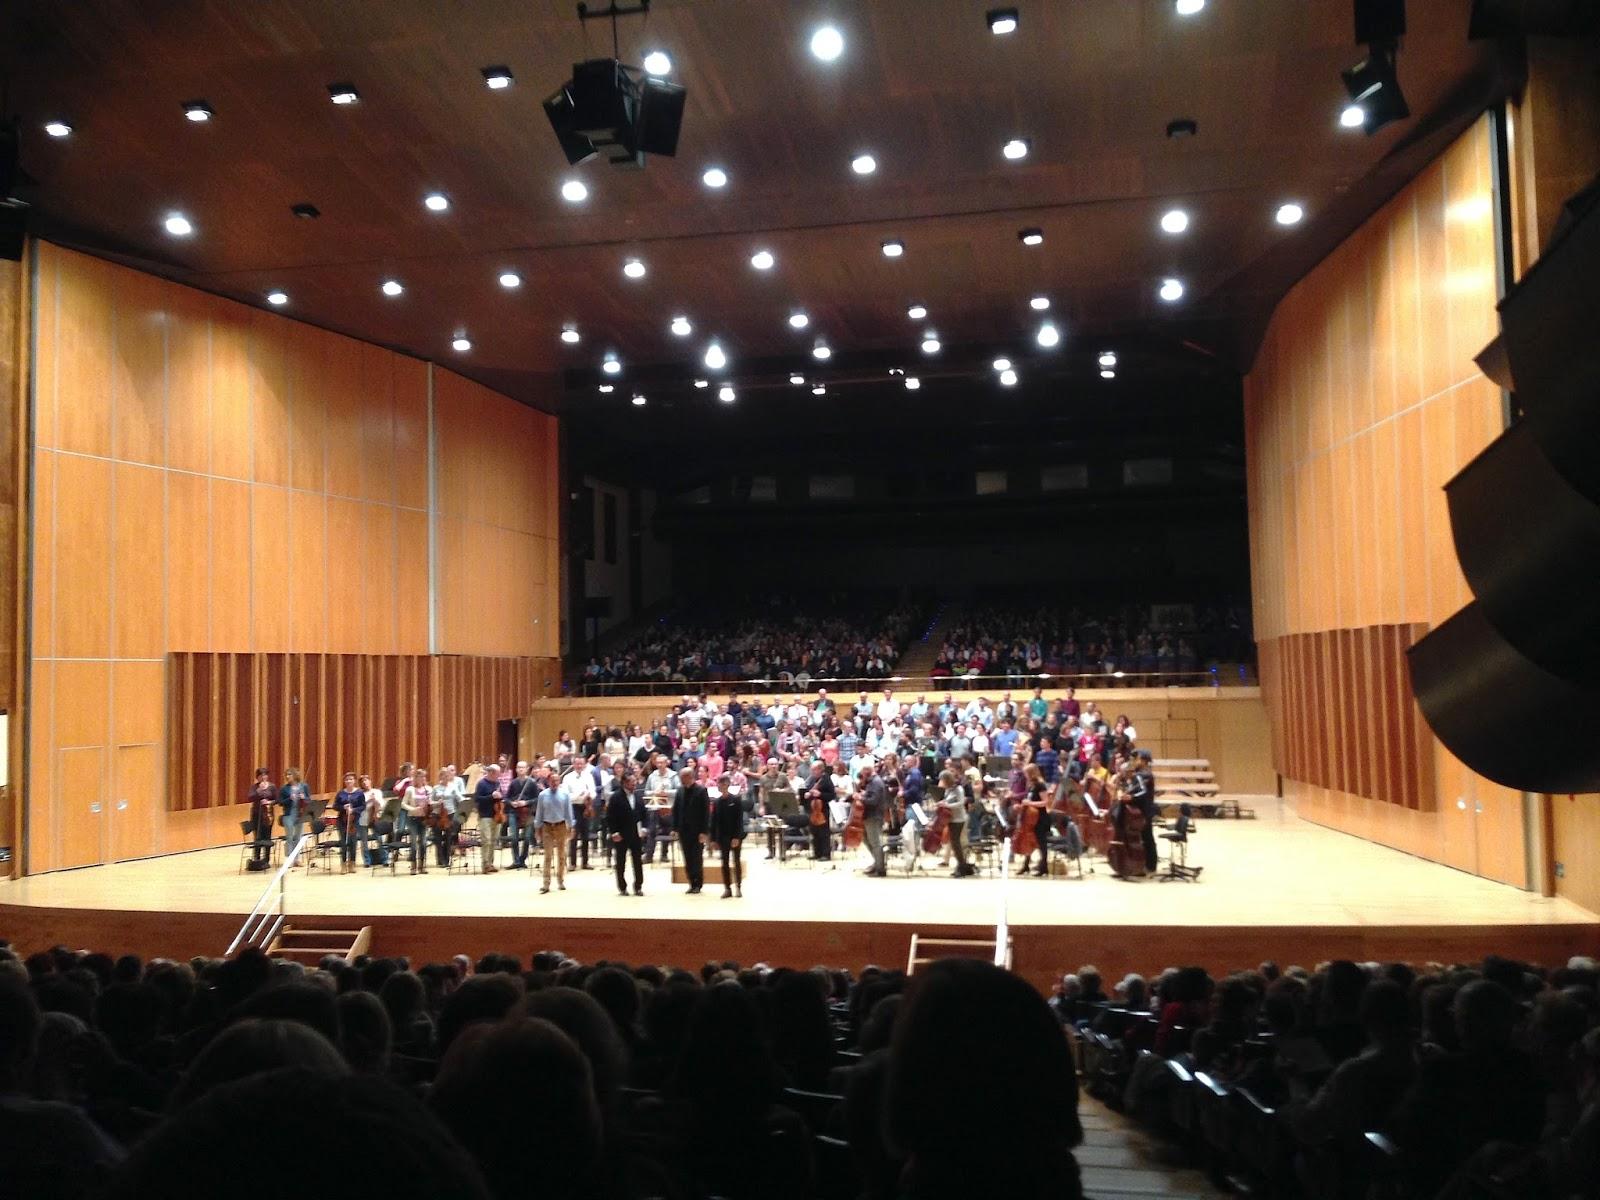 Voy A Presentar En La Orquesta De La Luz Dee B